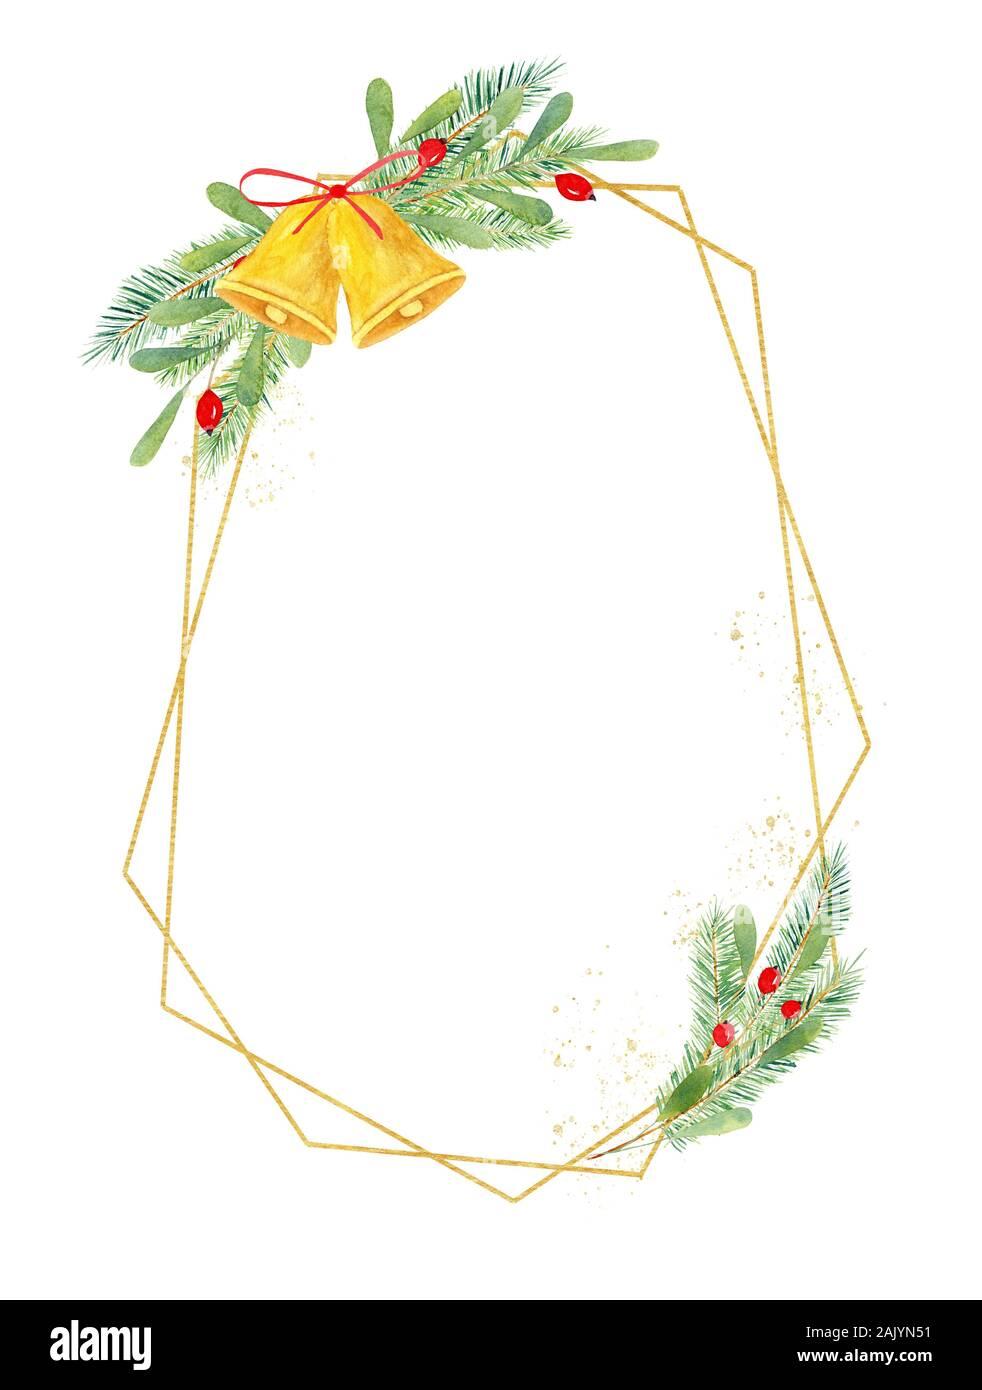 Christmas Frame geométrica dibujada a mano ilustración acuarela. Frontera multangular festiva con elementos de decoración botánica. X-mas composición con il Foto de stock